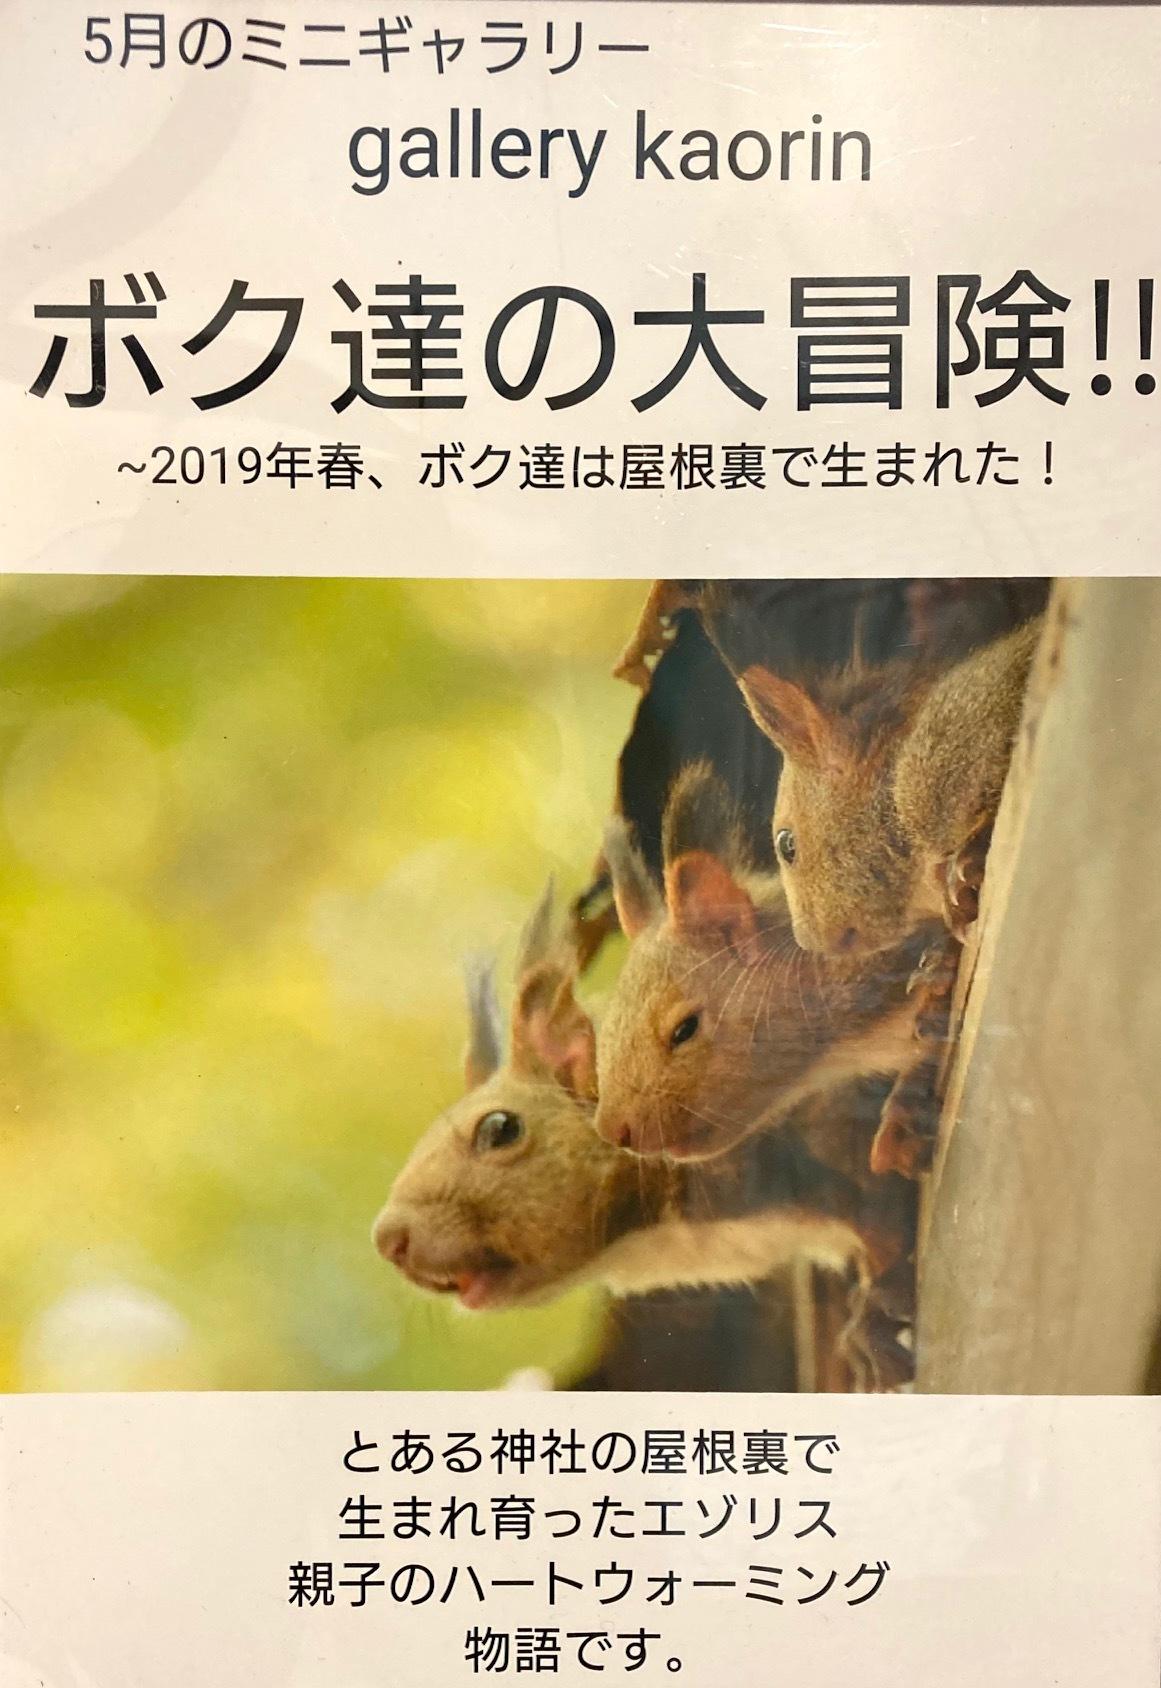 5月のミニギャラリーは gallery kaorin さんです_c0227664_16253273.jpg